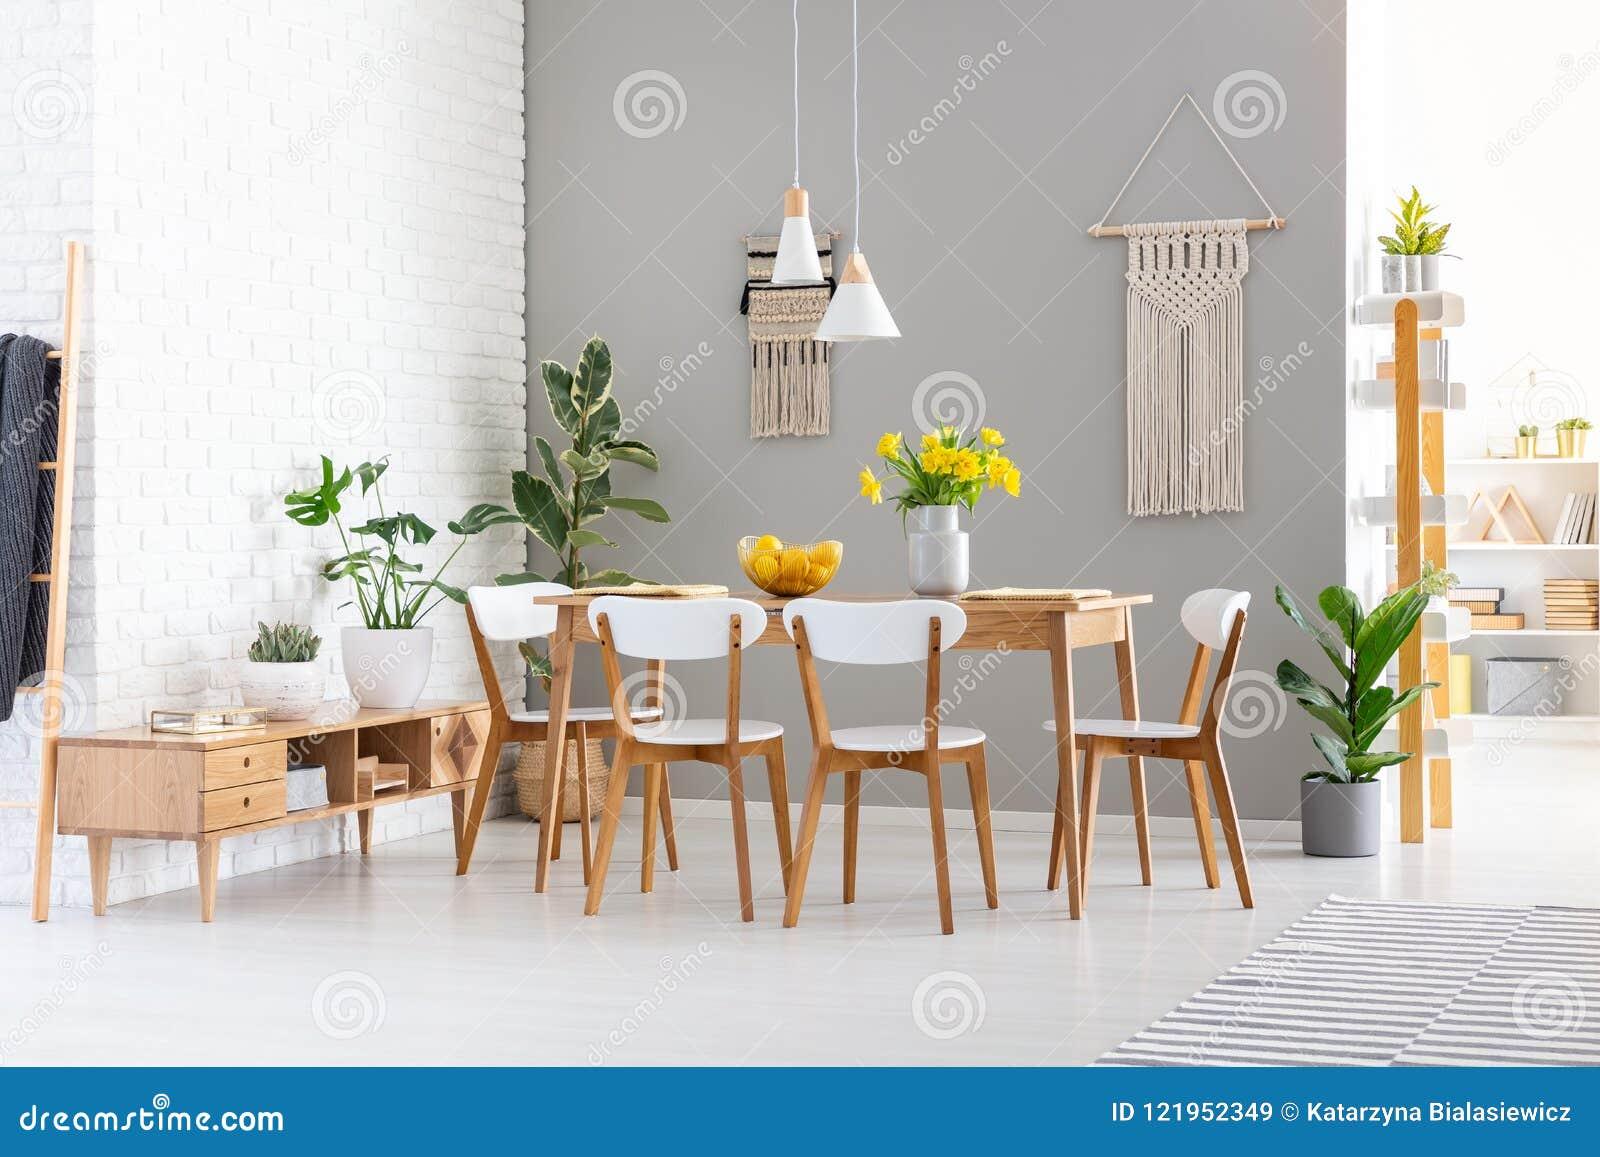 Beau Chaises Blanches à La Table En Bois Avec Les Fleurs Jaunes Dans Lu0027intérieur  De Salle à Manger Avec Des Usines Photo Réelle